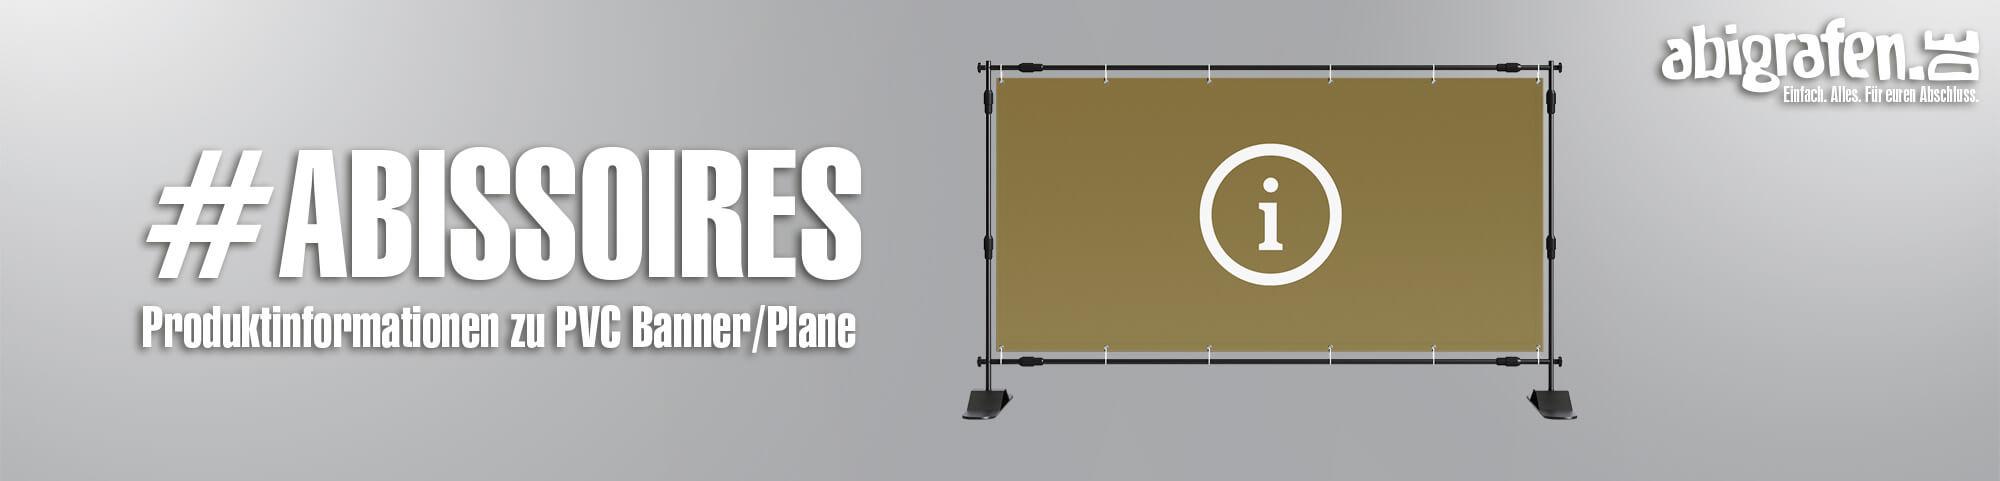 abigrafen-produktinformationen-pvc-banner-plane